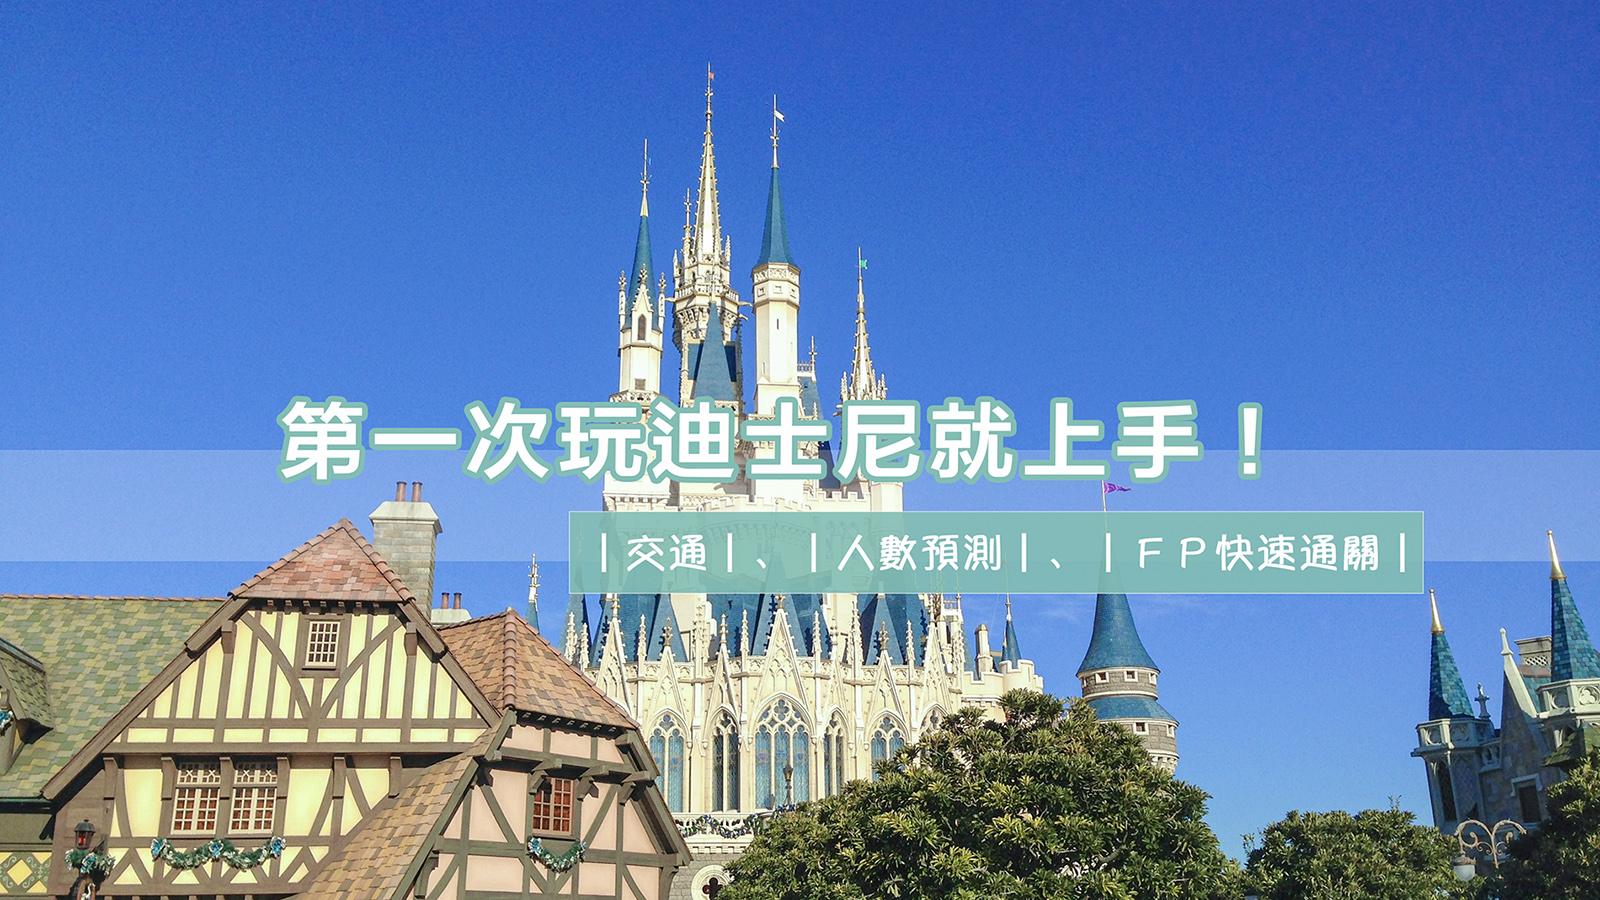 閱讀文章:☆【東京迪士尼】第一次玩迪士尼就上手-|交通|、|人數預測|、|FP 快速通關 APP|懶人包